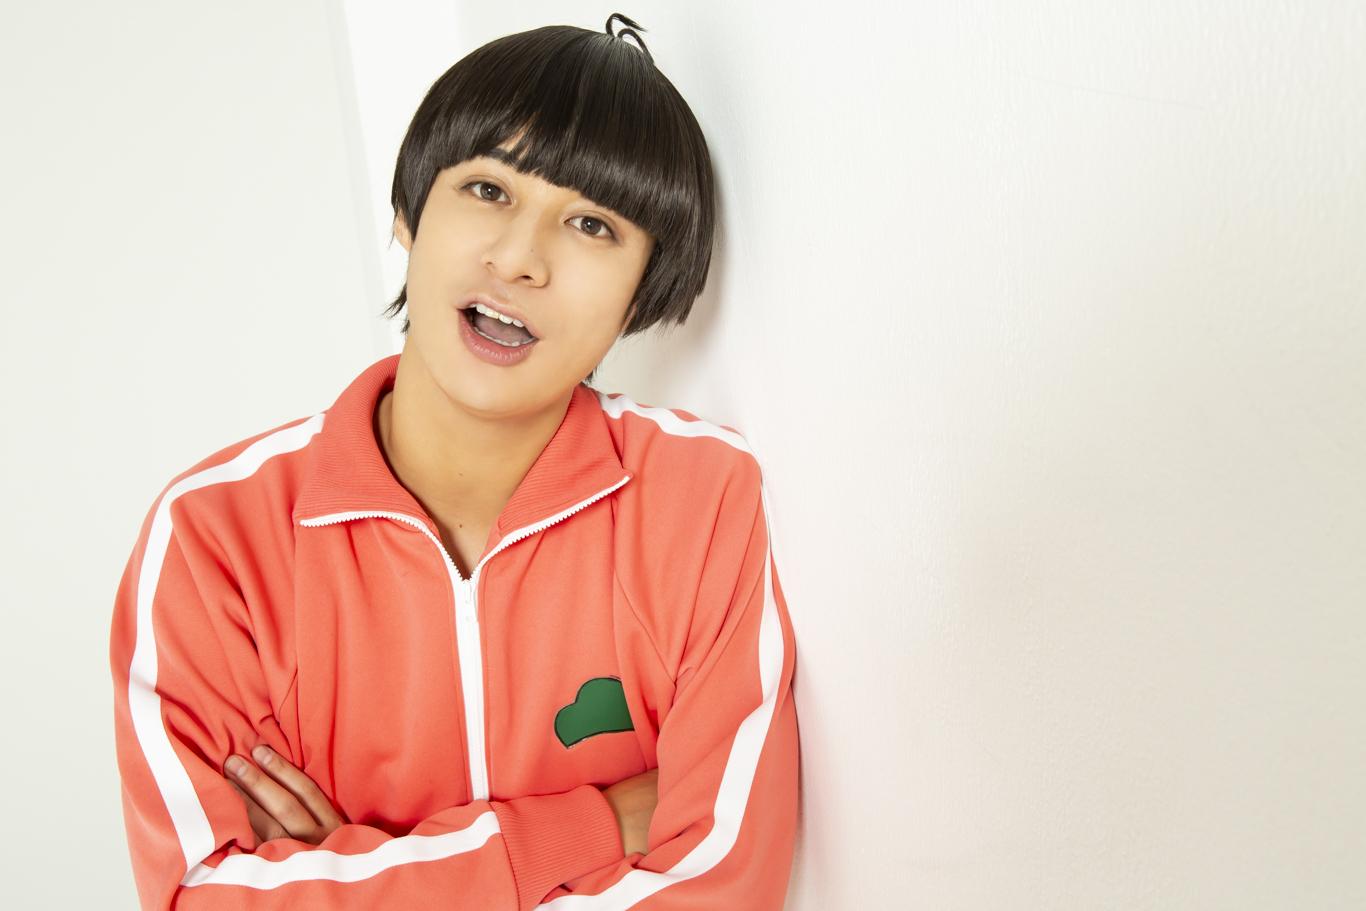 舞台『おそ松さん3』6つ子インタビュー/第1回:高崎翔太(おそ松役)